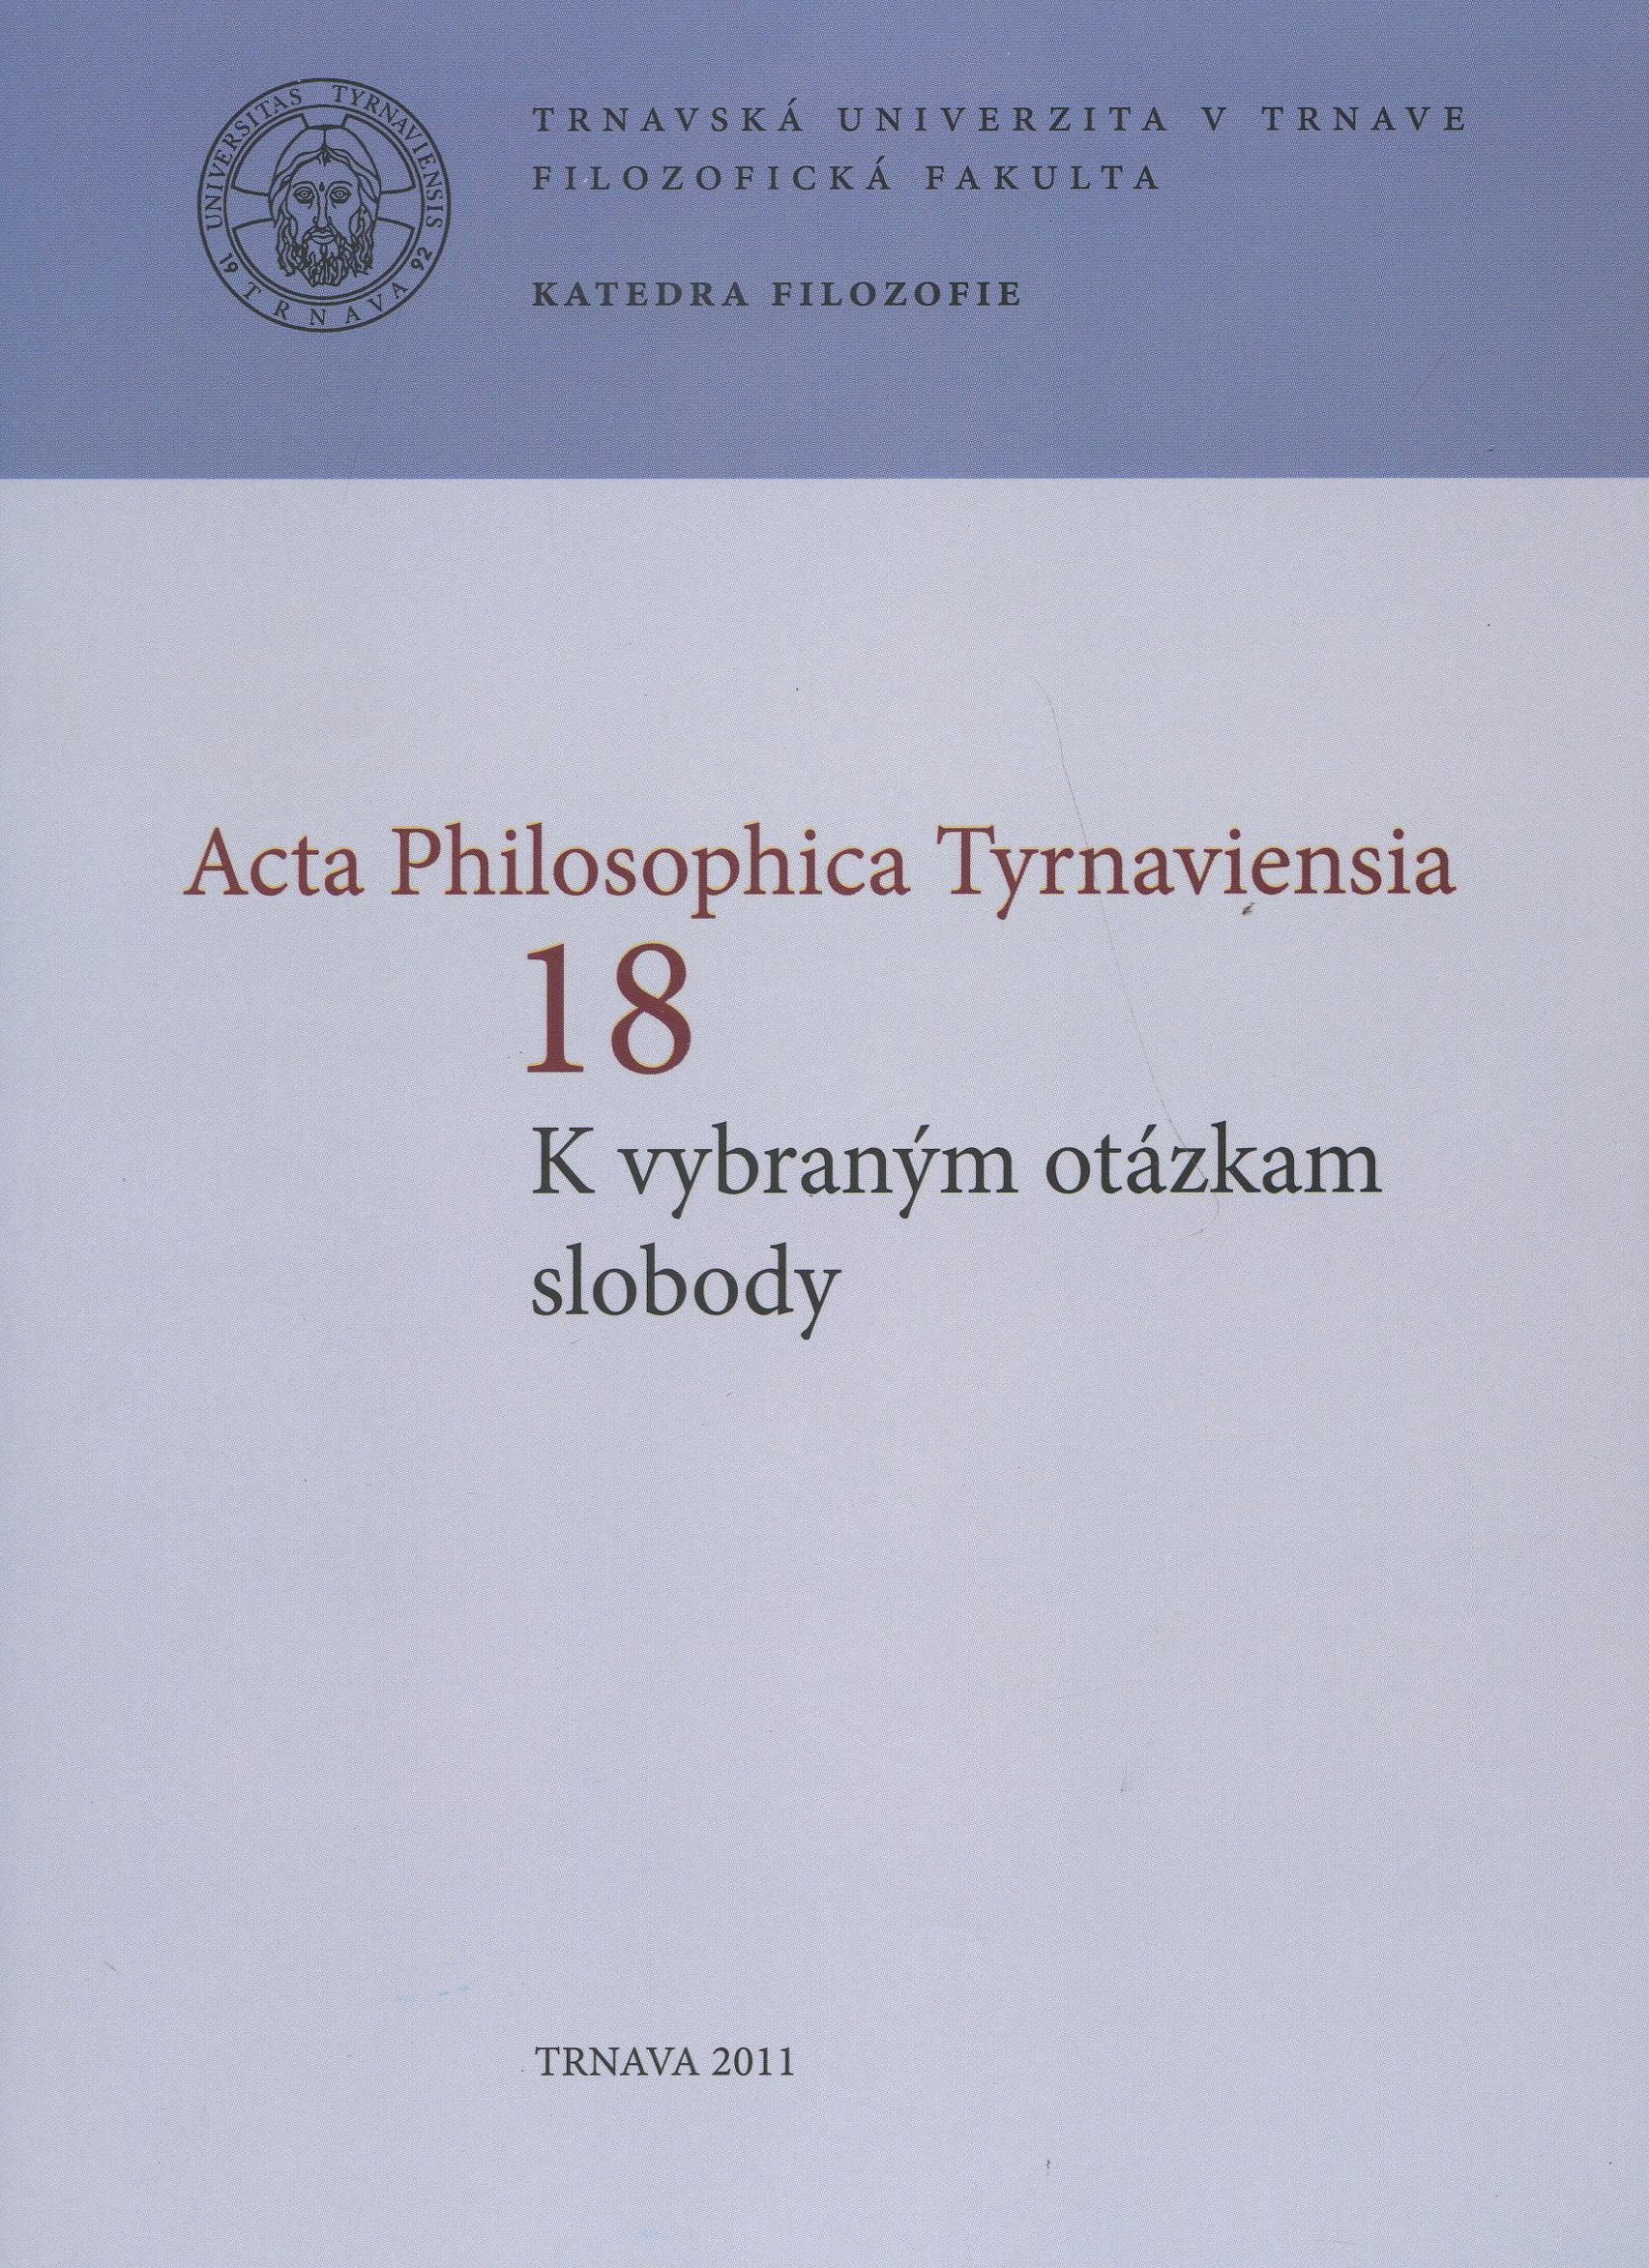 Acta Philosophica Tyrnaviensia 18 - K vybraným otázkam slobody